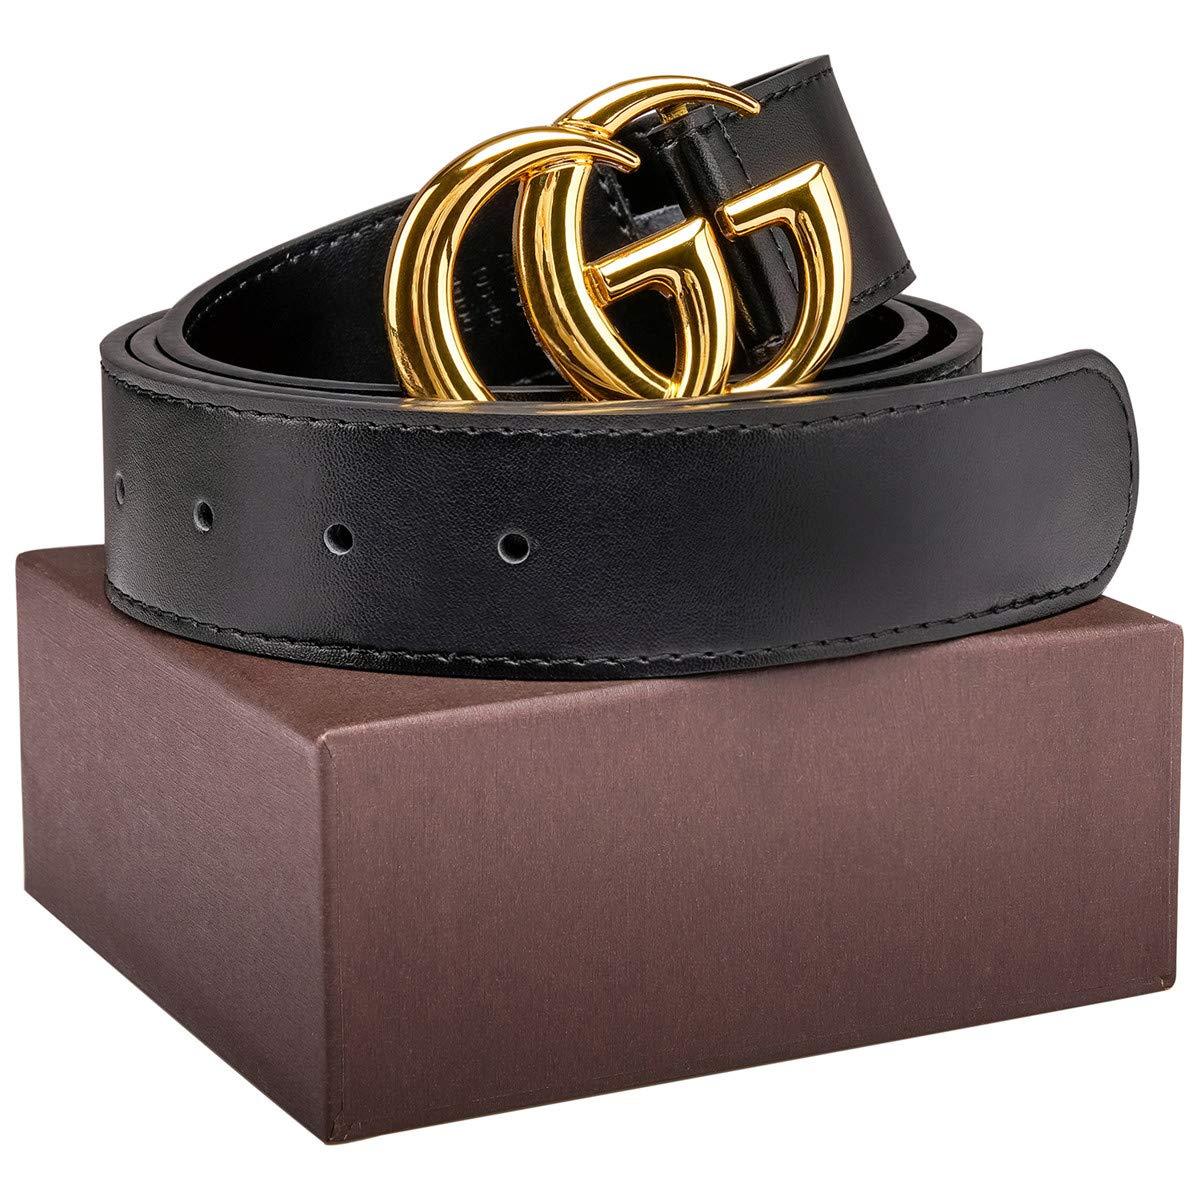 ~USA Fast 2-6 Days~ Luxury Gold Buckle Women Lady Unisex Leather Belt~3.8cm Belt Width